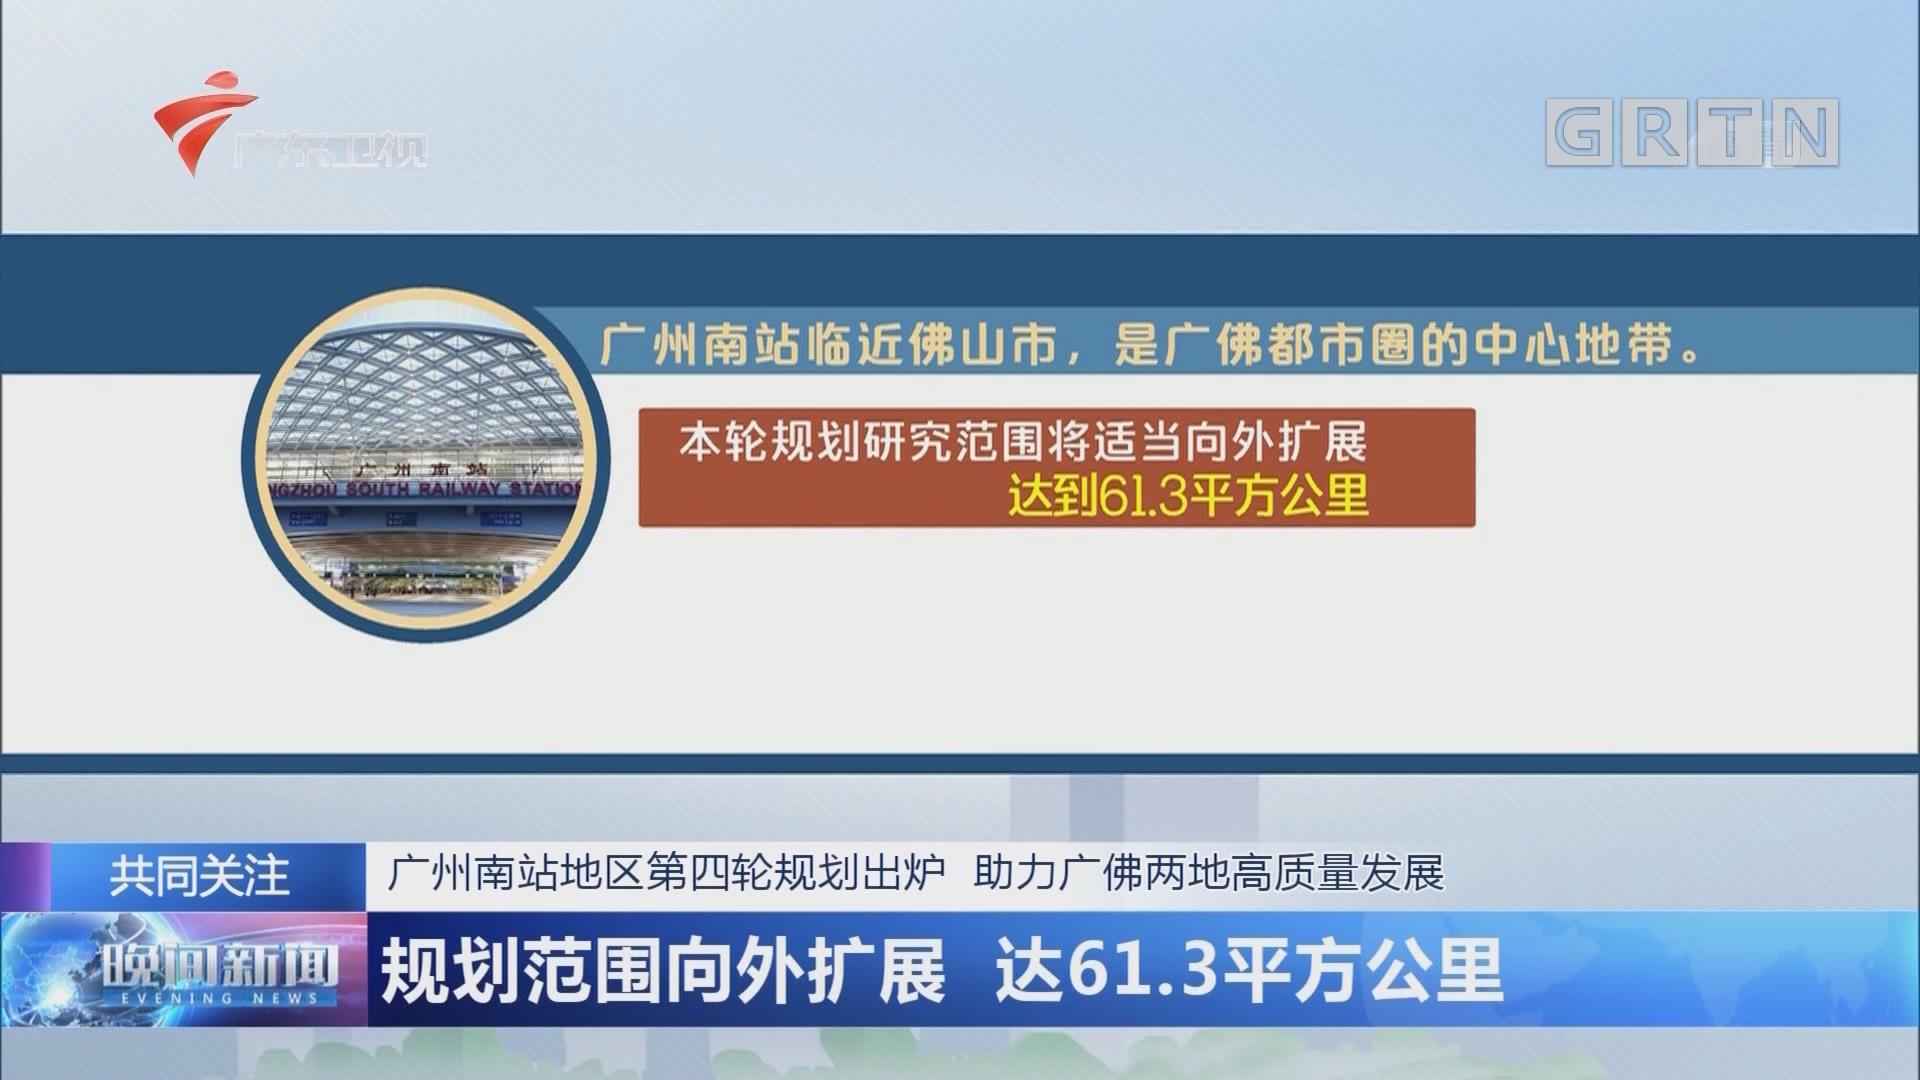 广州南站地区第四轮规划出炉 助力广佛两地高质量发展:规划范围向外扩展 达61.3平方公里